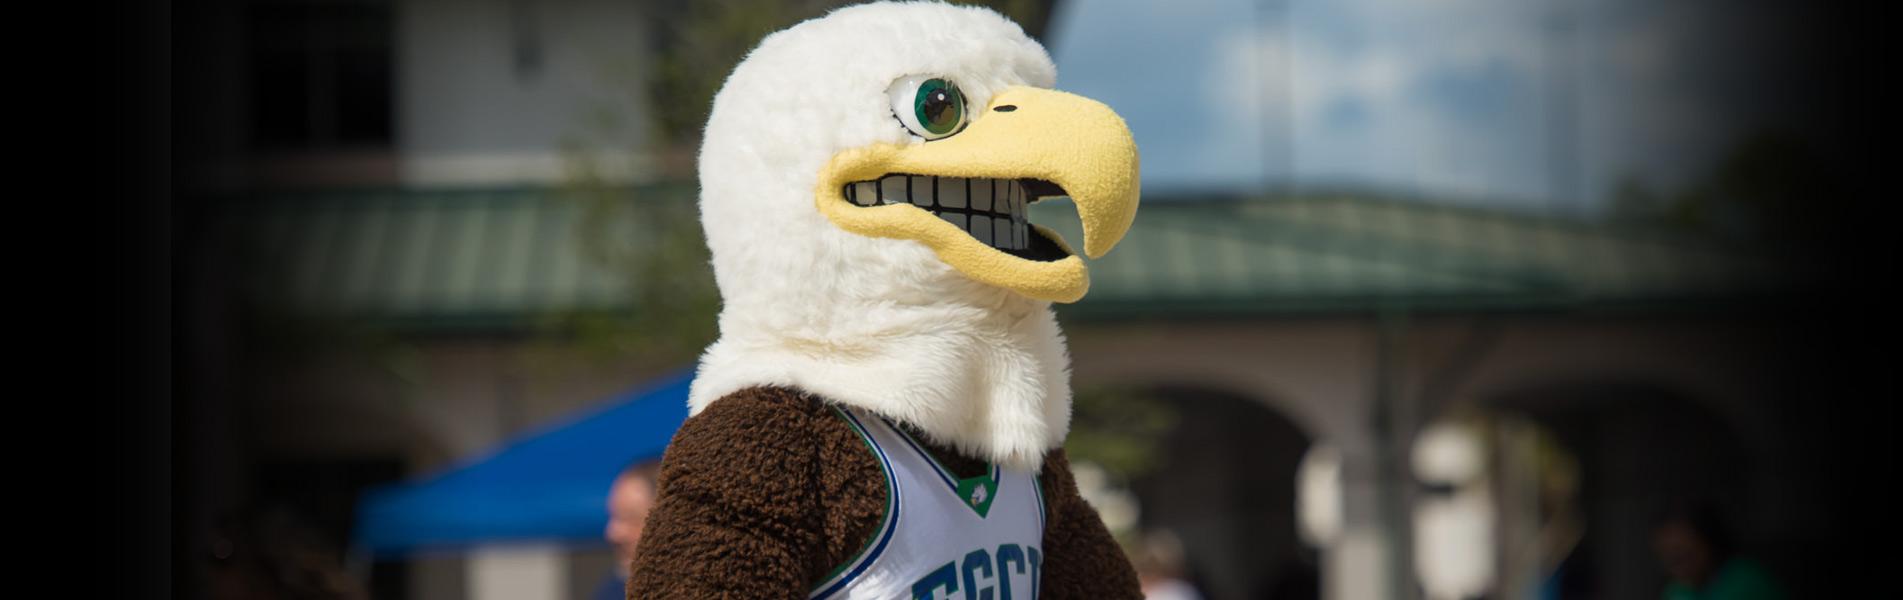 FGCU mascot - Azul